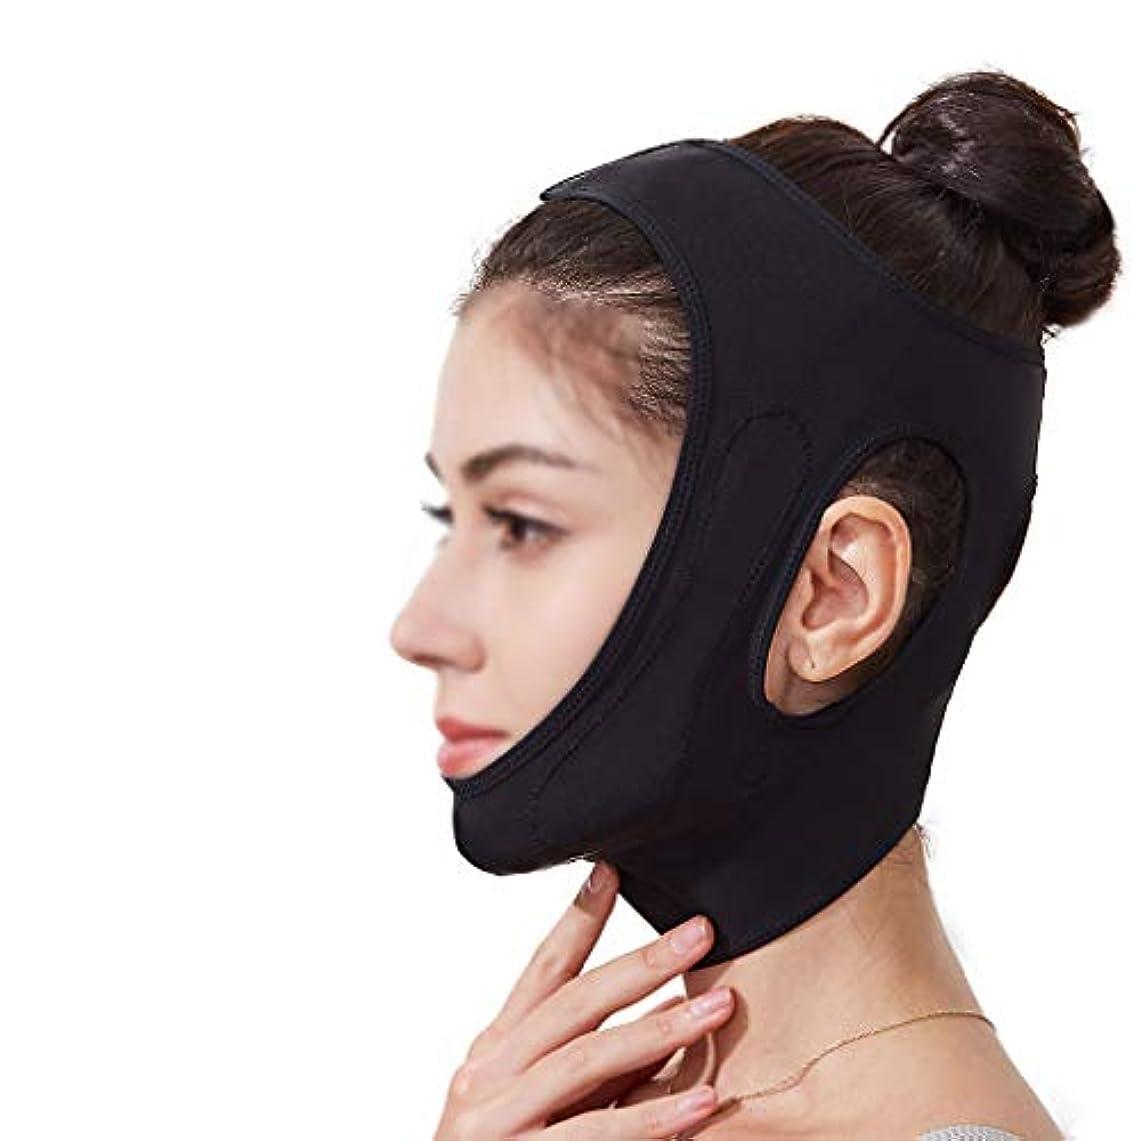 致死個人的な相関するGLJJQMY フェイスリフティング包帯フェイシャルチークV字型リフティングマスクアンチシワは、小さなVフェイスを作成するために二重あごの快適な包帯を削減 顔用整形マスク (Color : Black)